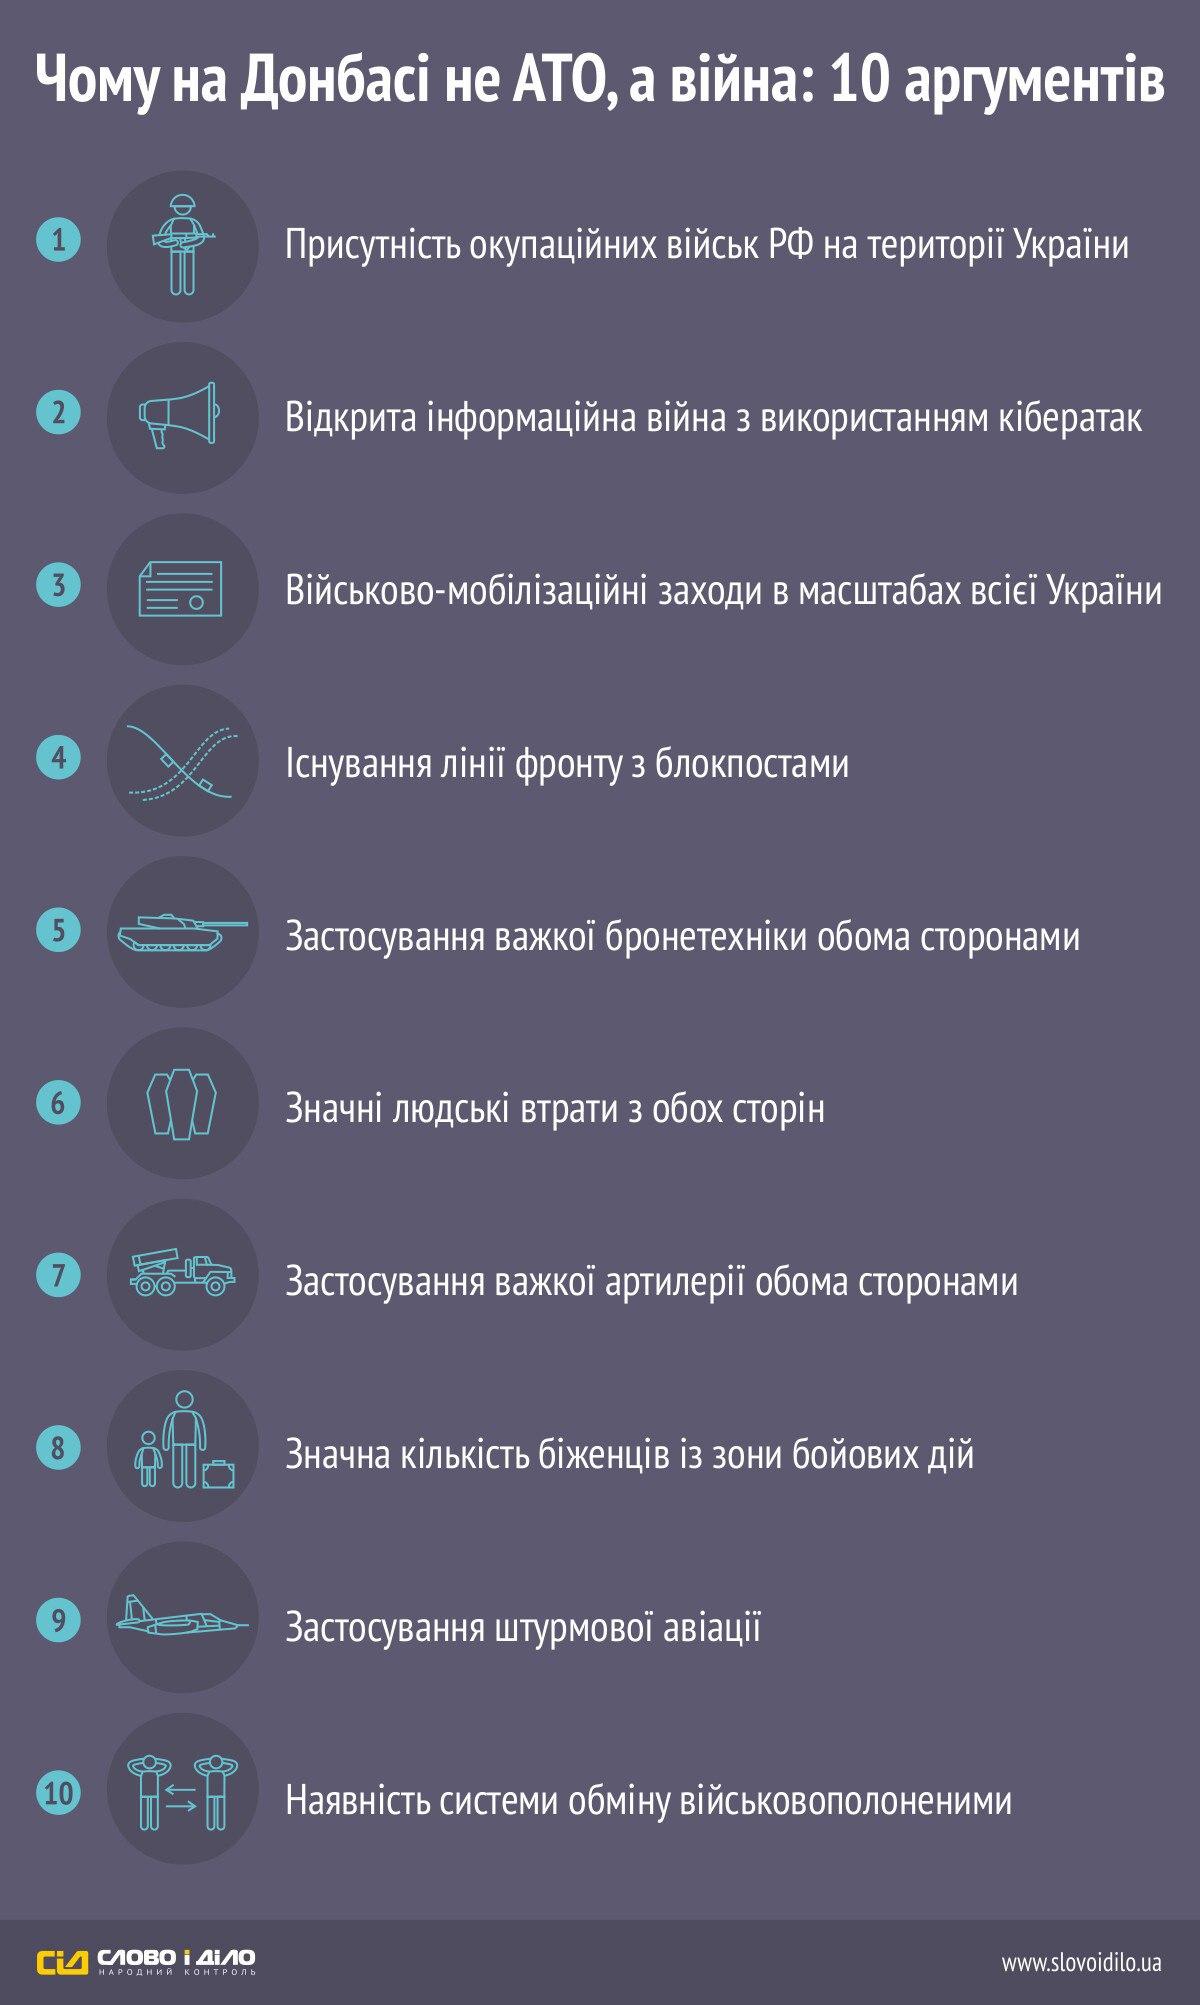 Абитуриенты из зоны АТО могут поступить в украинские вузы по упрощенной процедуре без сдачи ВНО и аттестатов об окончании школы, - МинВОТ - Цензор.НЕТ 6331